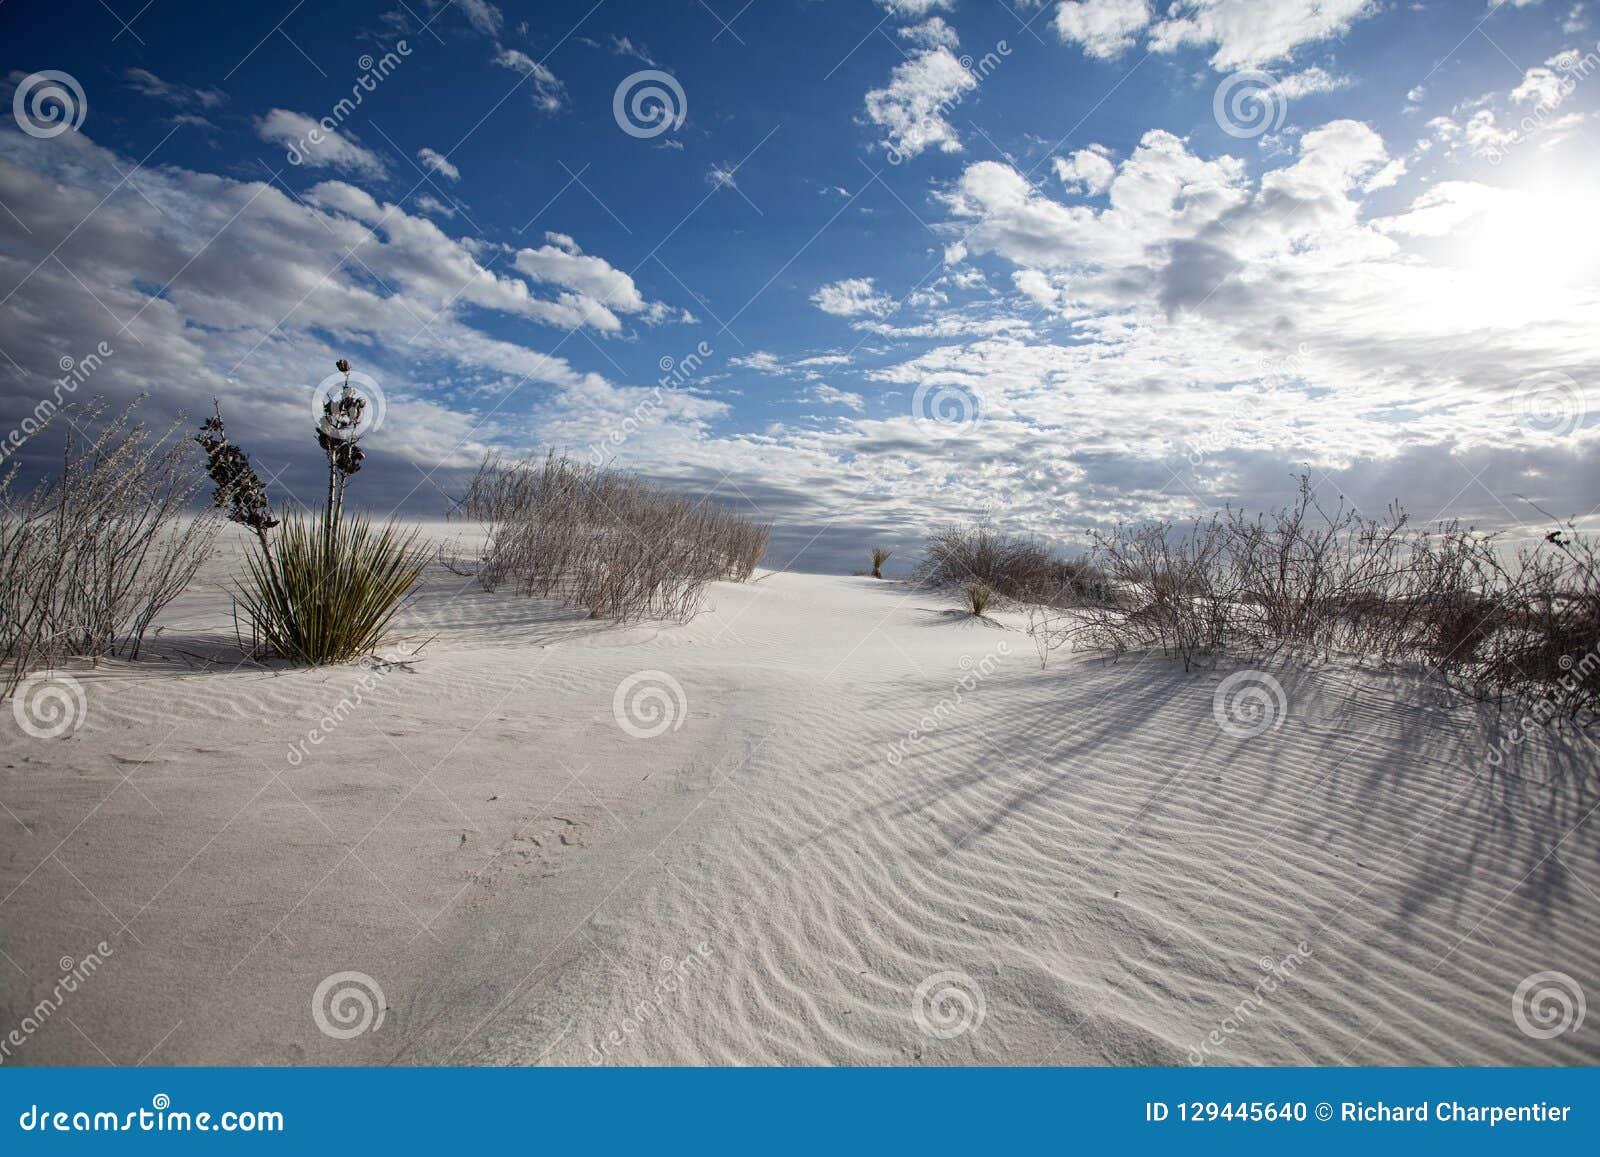 Волны песка и национальный монумент песков картин белый